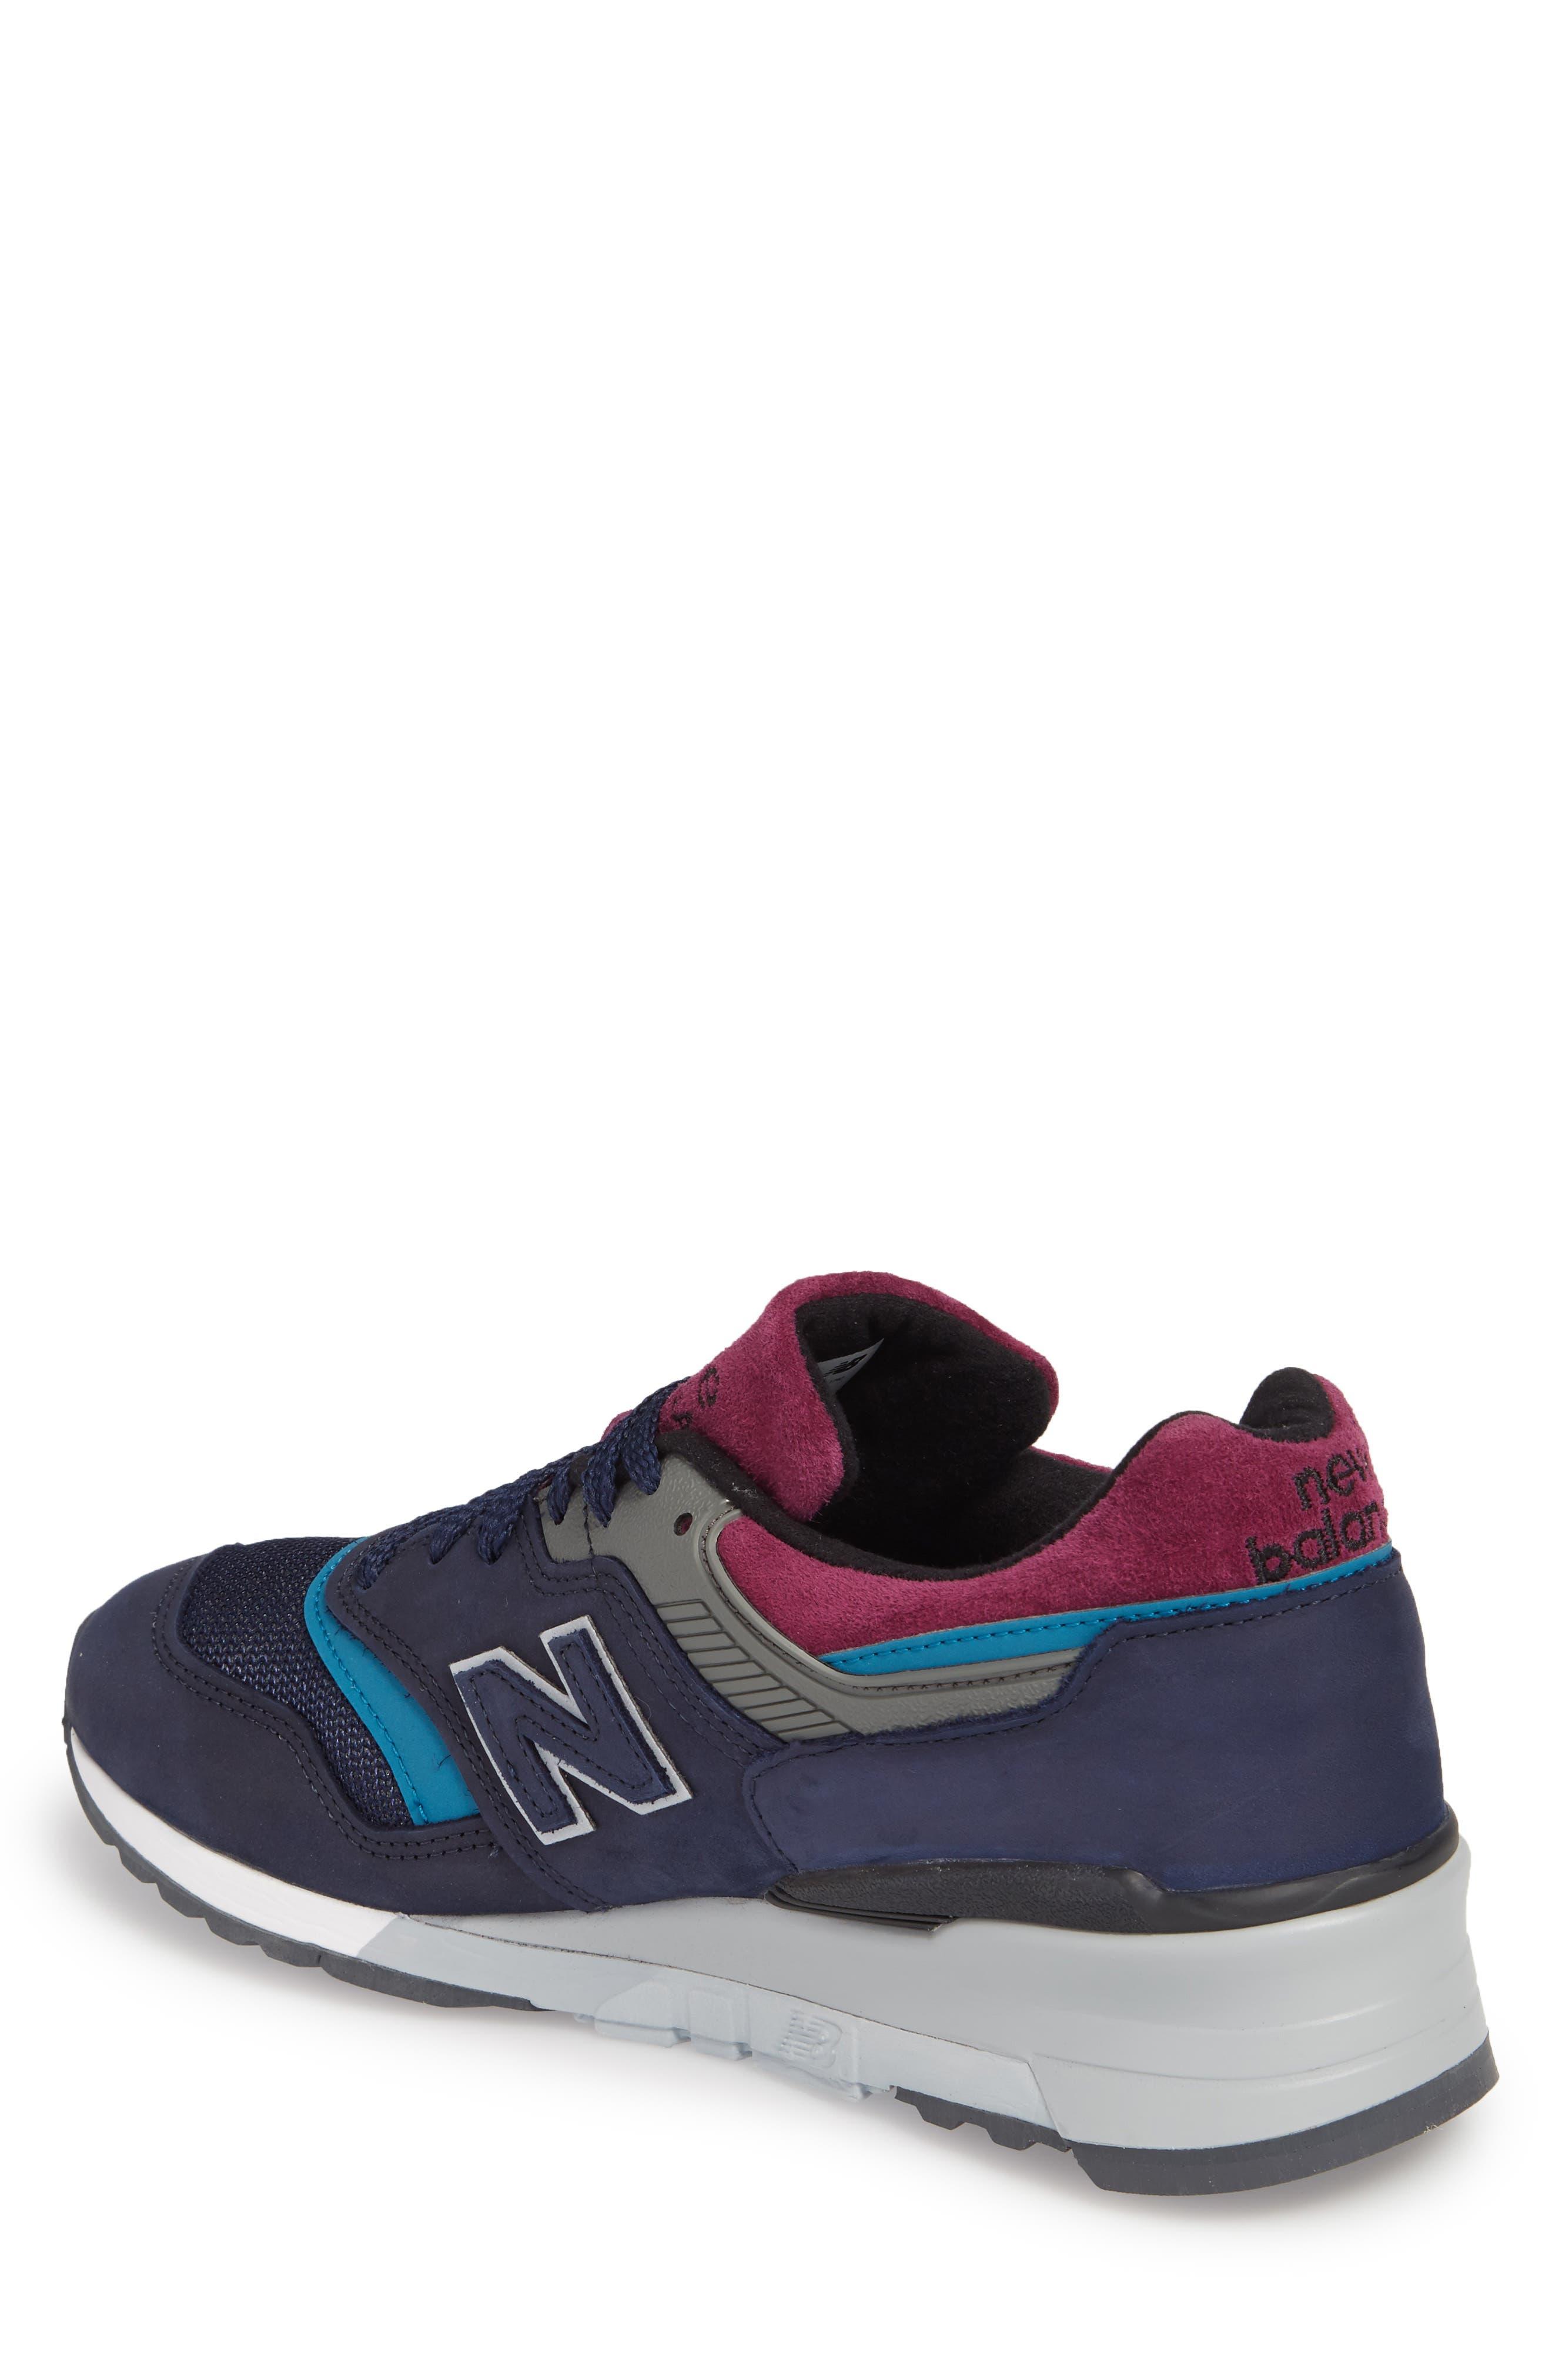 Alternate Image 2  - New Balance 997 Sneaker (Men)